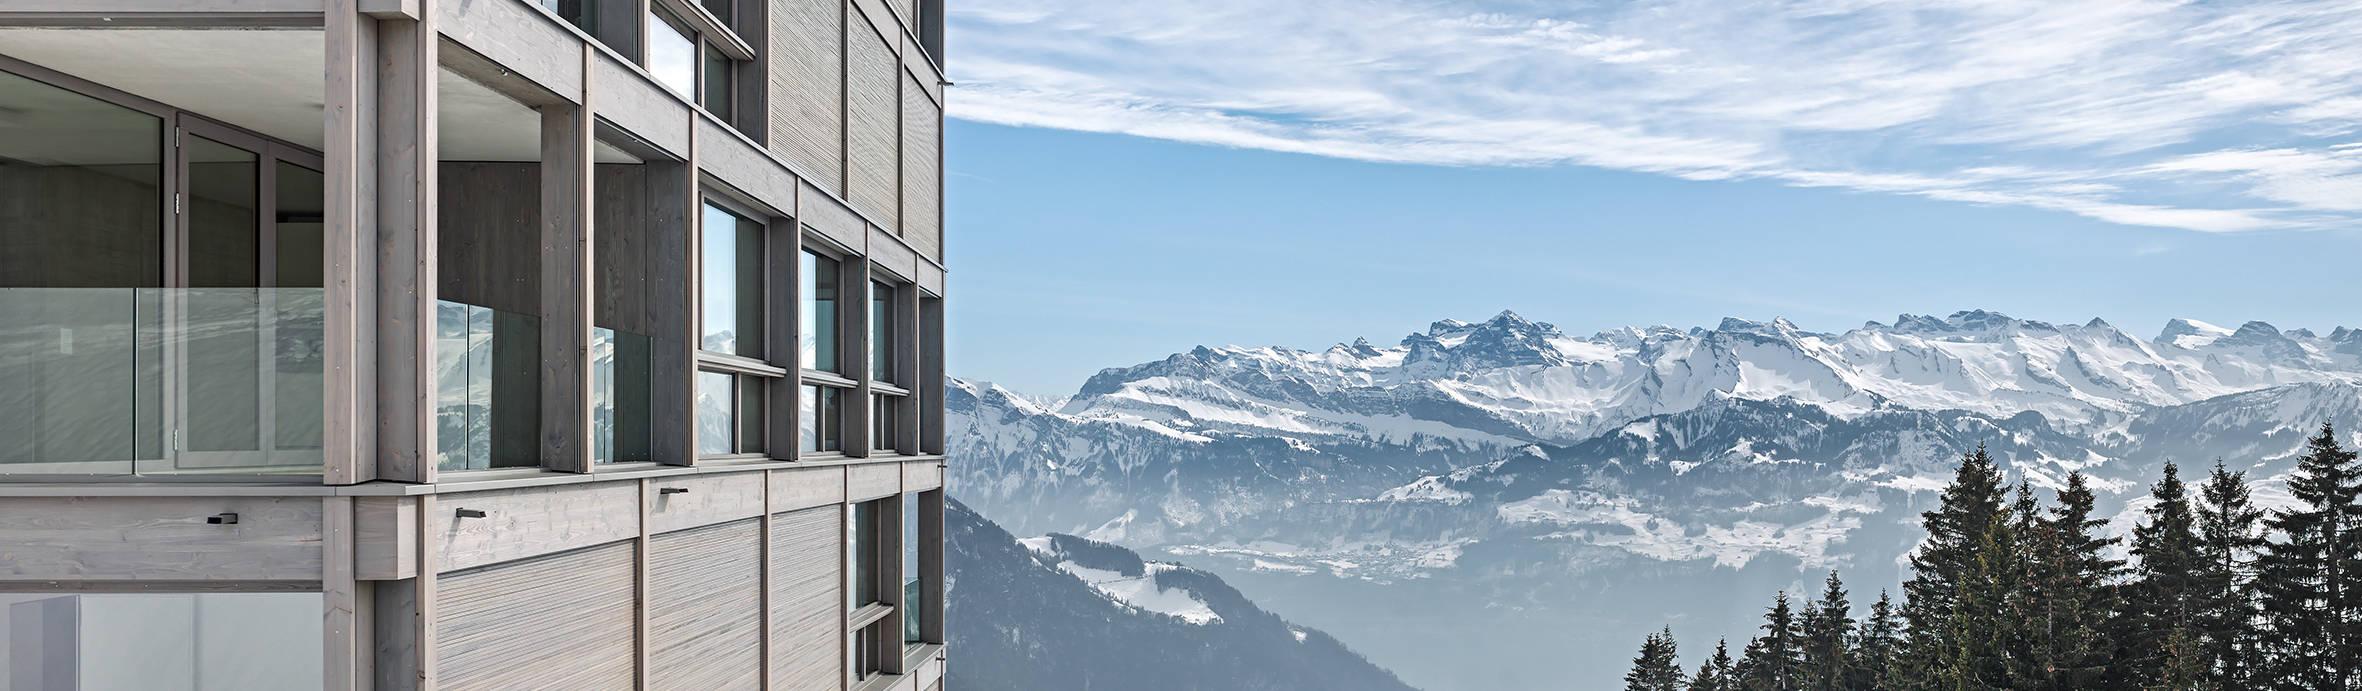 alp – architektur lischer partner ag